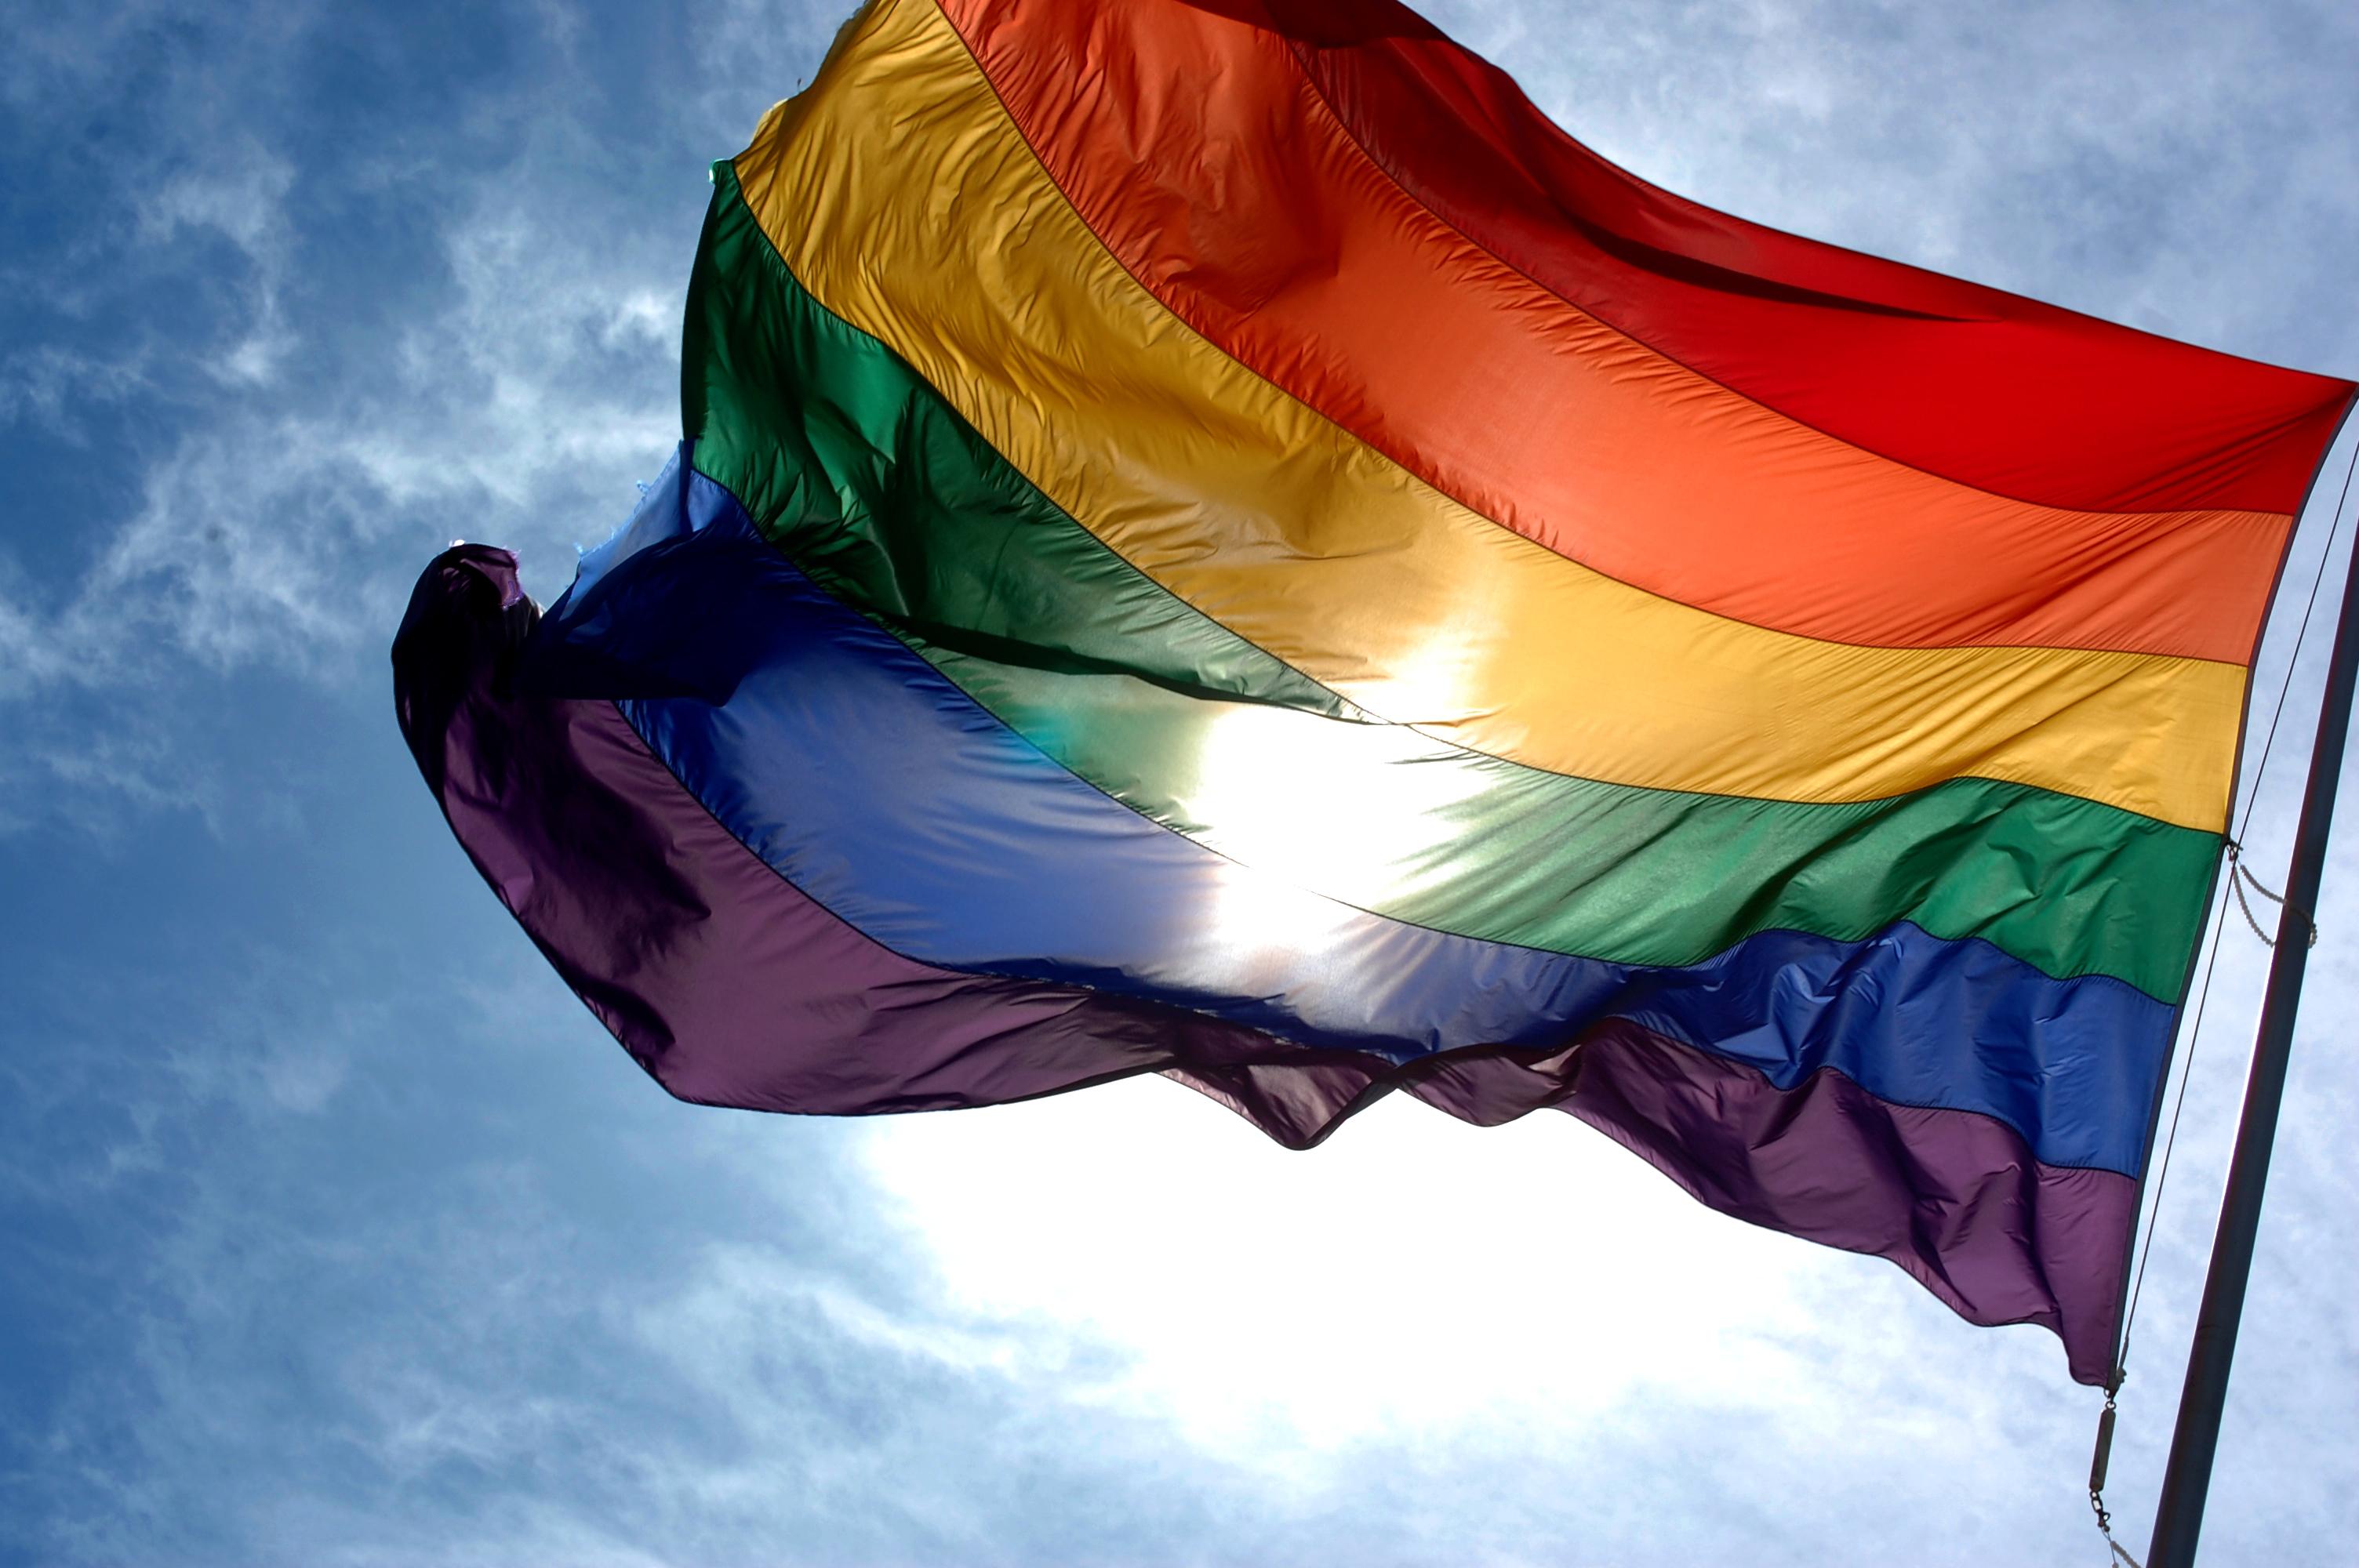 Rainbow_flag_and_blue_skies (1)